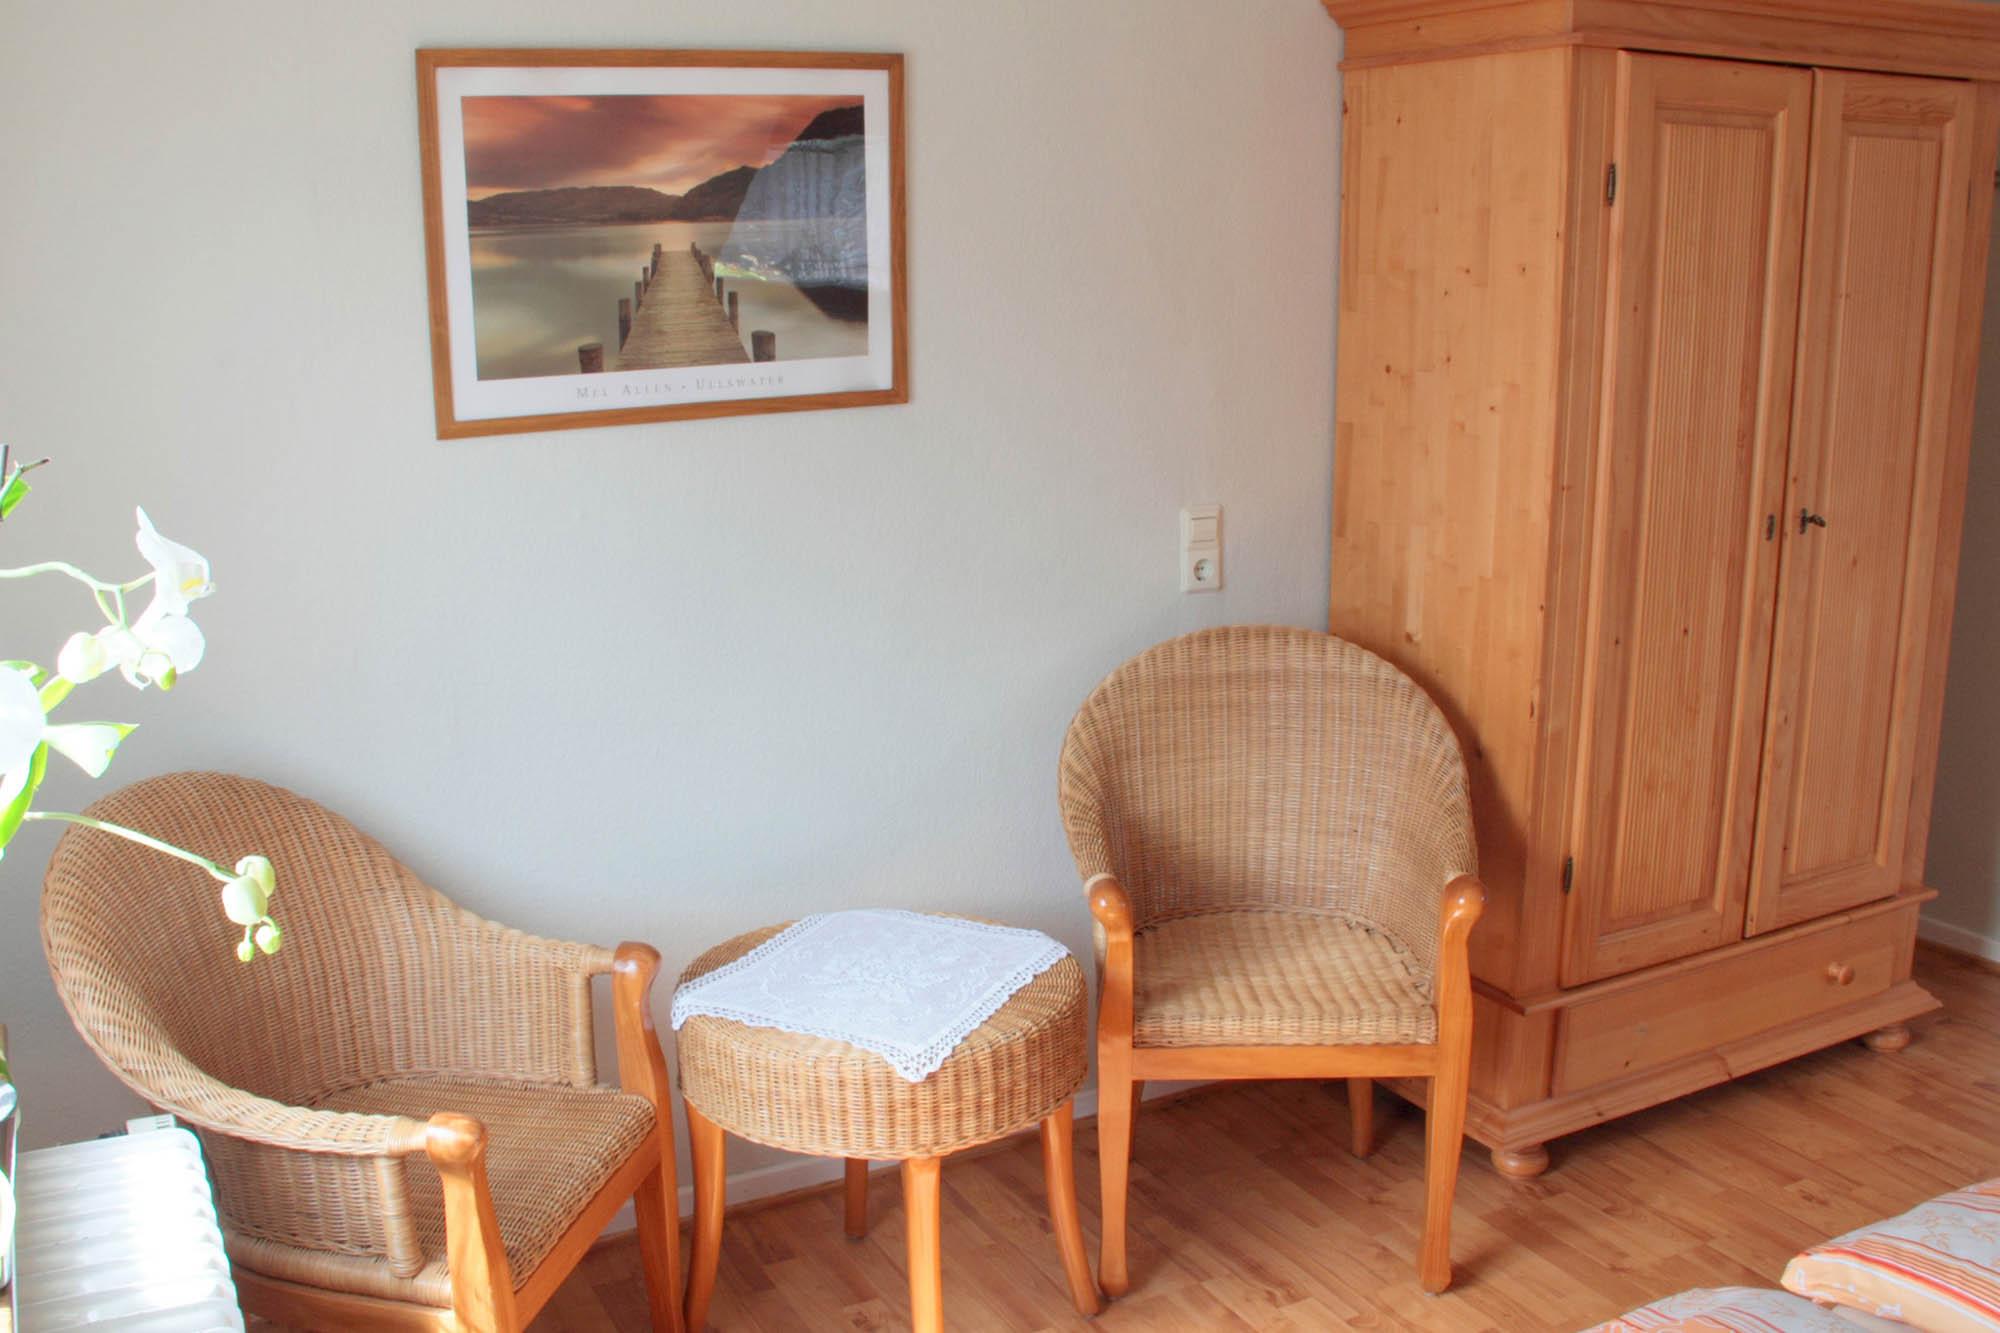 Sitzgelegenheit in einem Zimmer der Ferienwohnung beim Europapark Rust